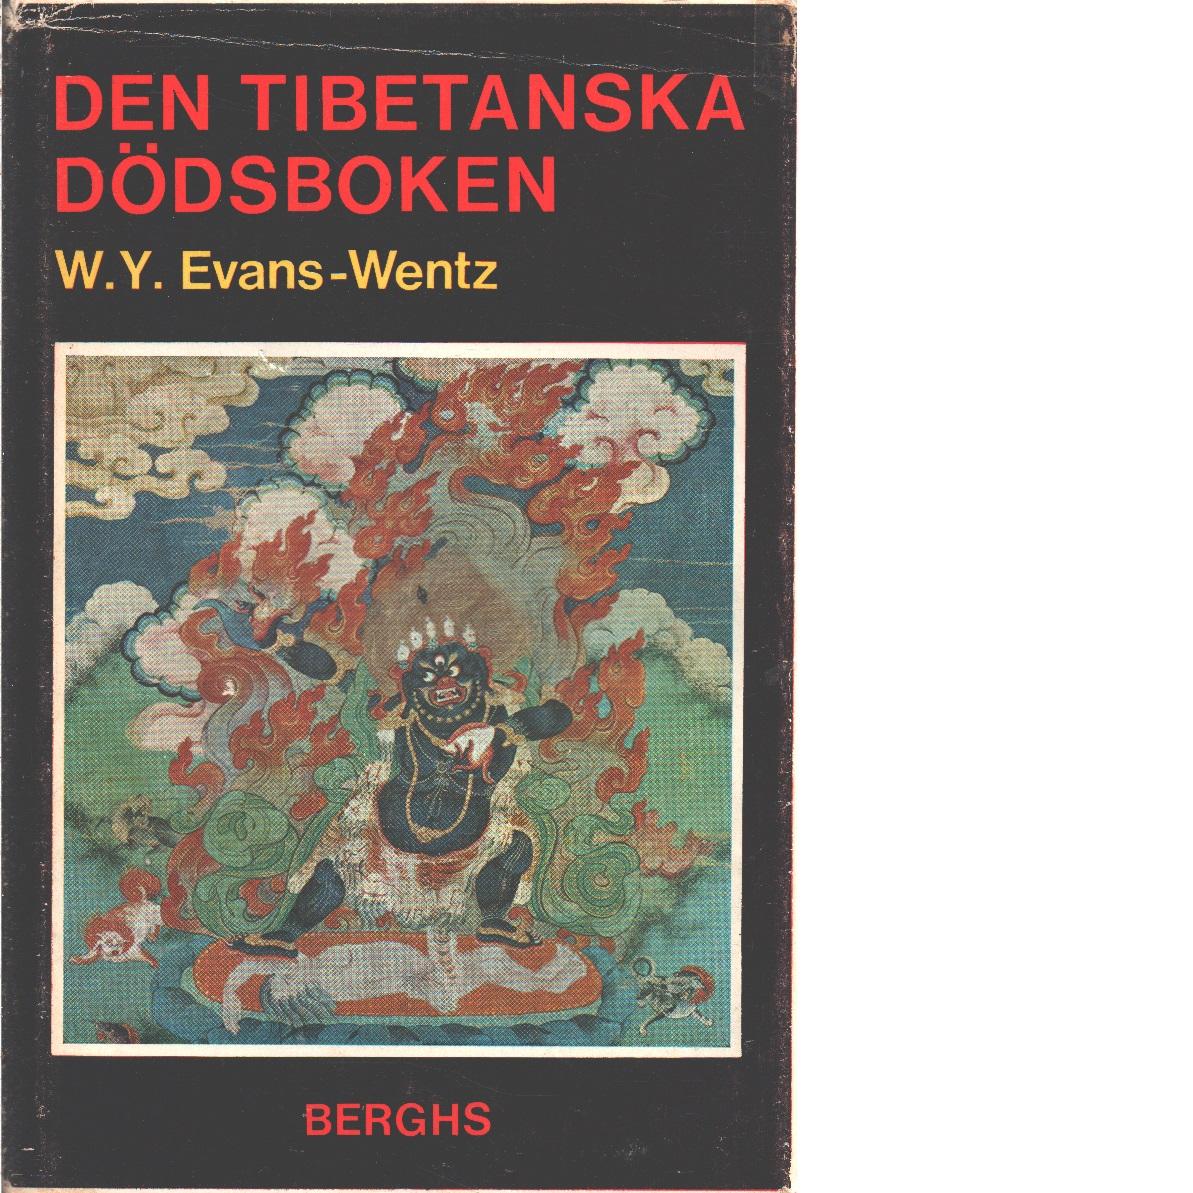 Den tibetanska dödsboken eller Upplevelserna efter döden på Bardo-planet enligt lama Kazi Dawa-Samdups återgivning - EDawa-Samdup, Kazi